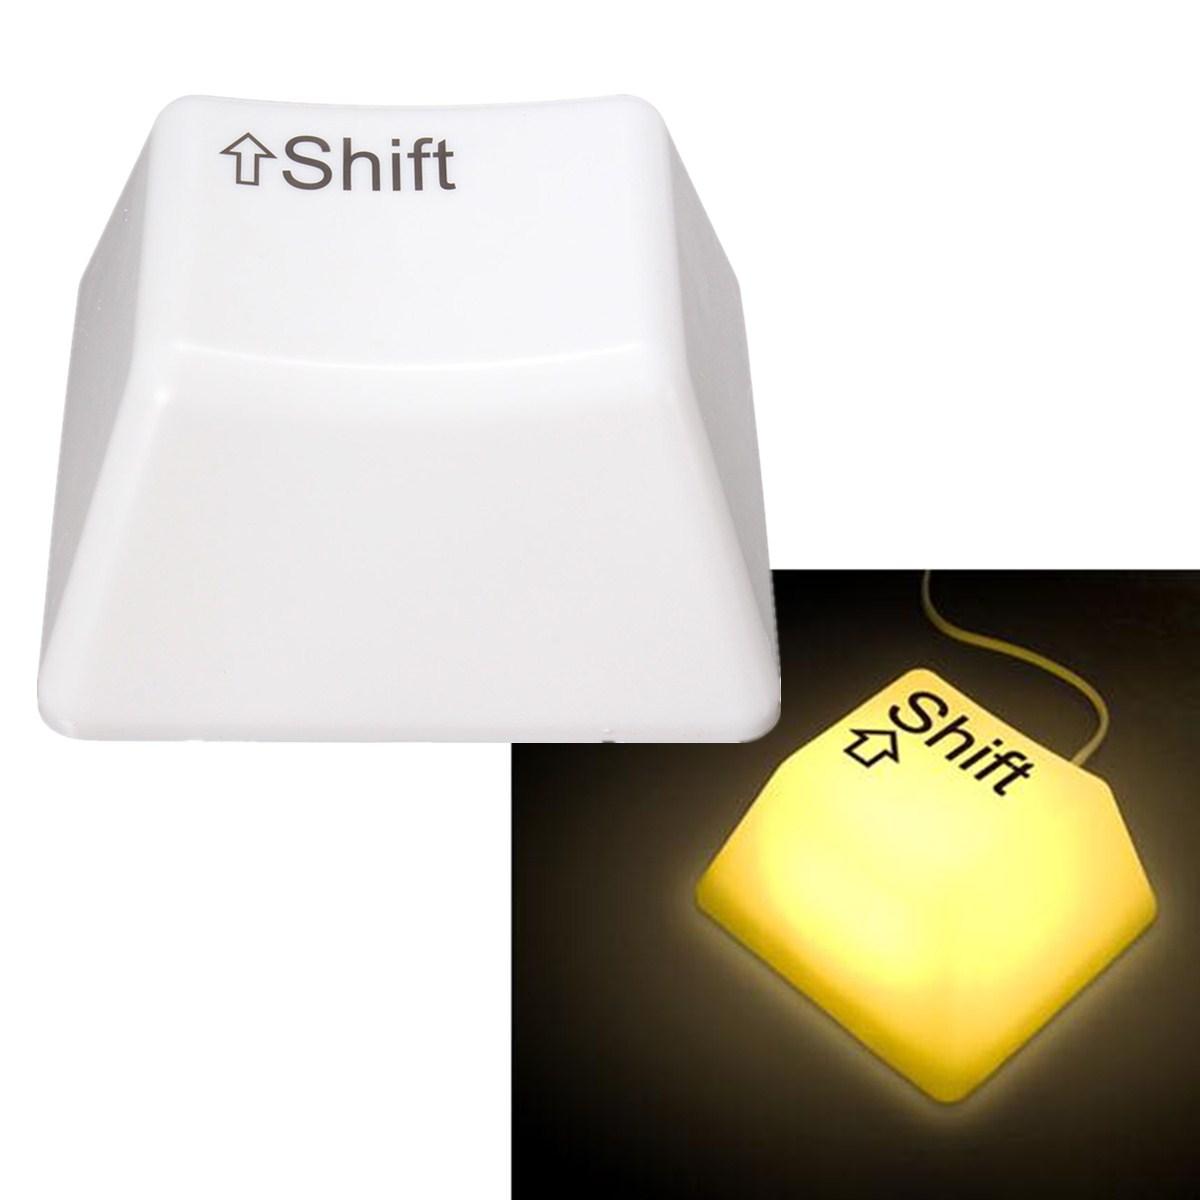 LED Keyboard Keypress Lights Baby Bedroom Night Light Desk Table Bedside Lamp